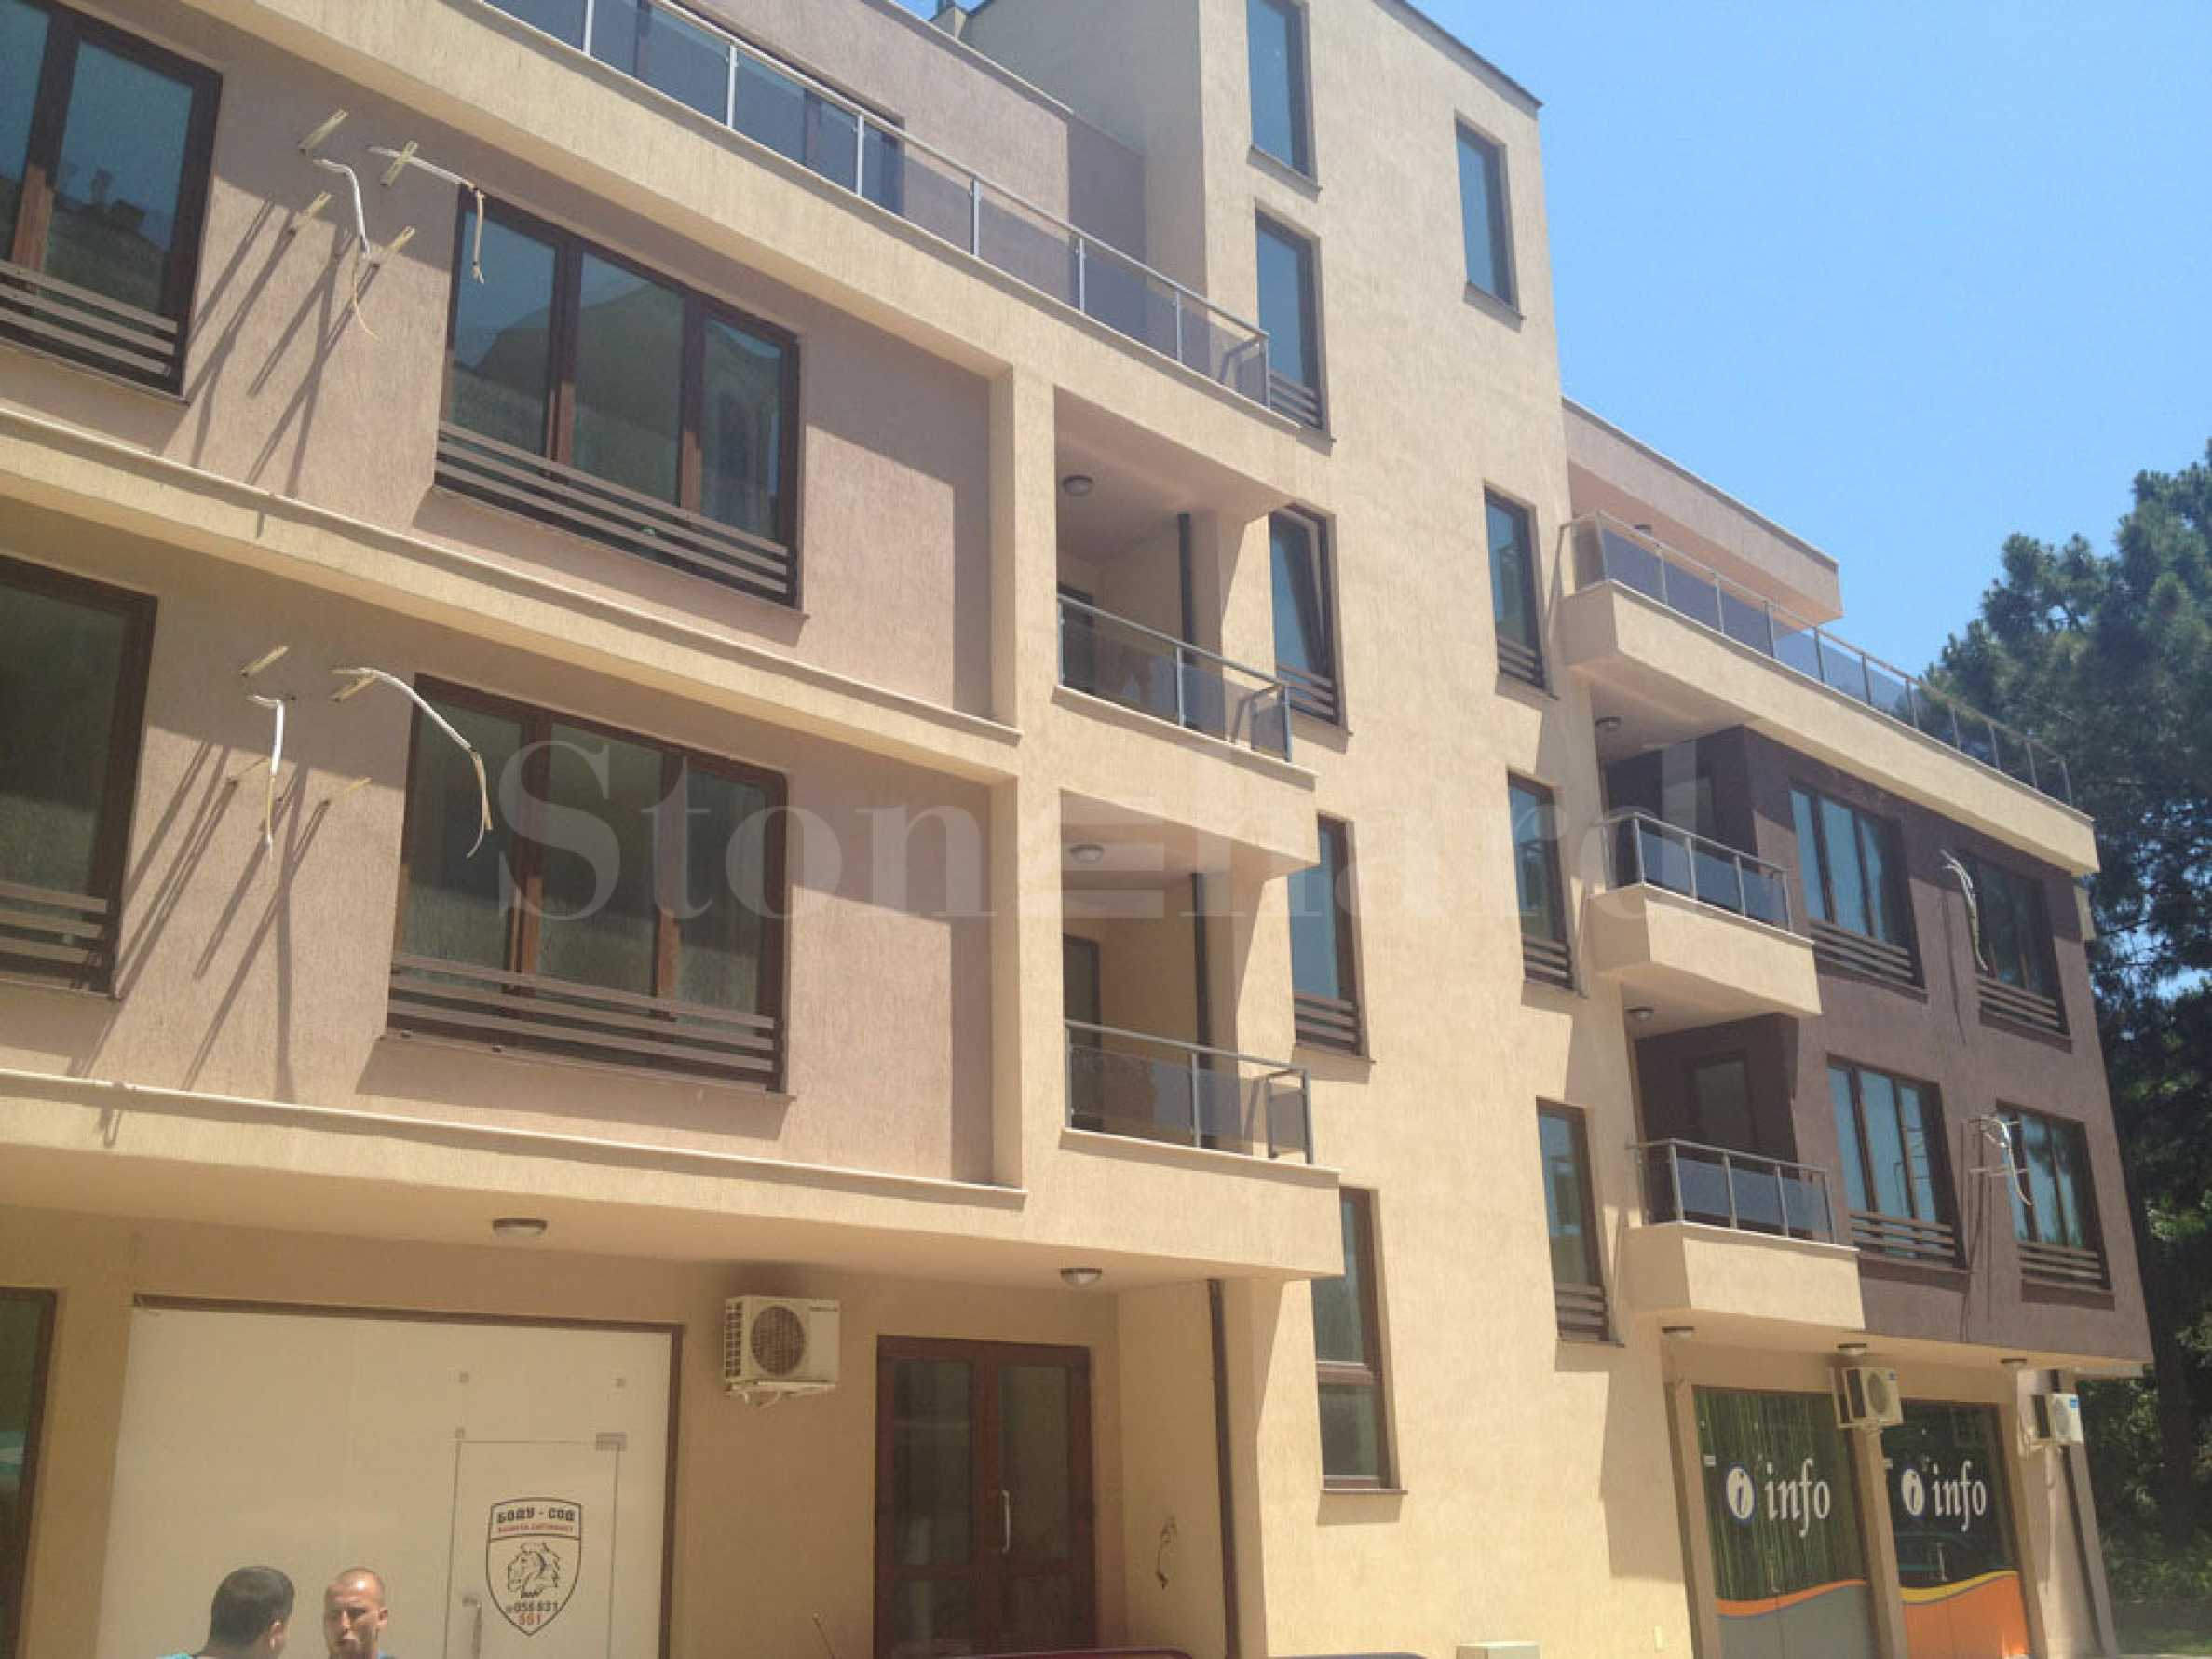 Нов жилищен комплекс от апартаменти близо до плажа в Слънчев бряг2 - Stonehard